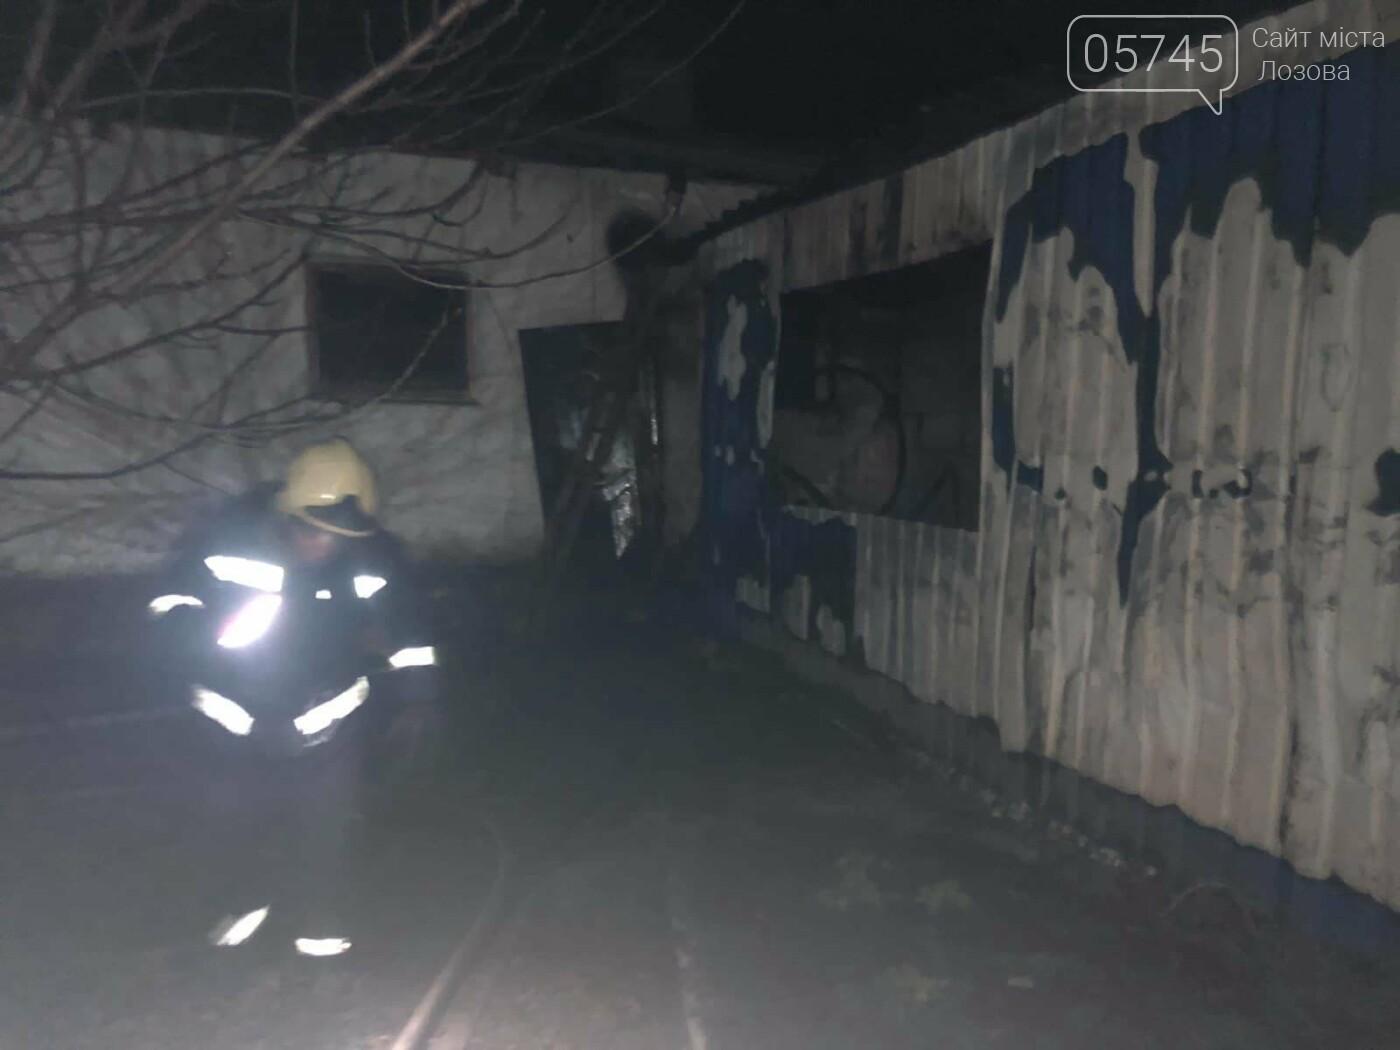 На Лозовщине горел склад фермерского хозяйства: от гибели спасли 150 коров, фото-10